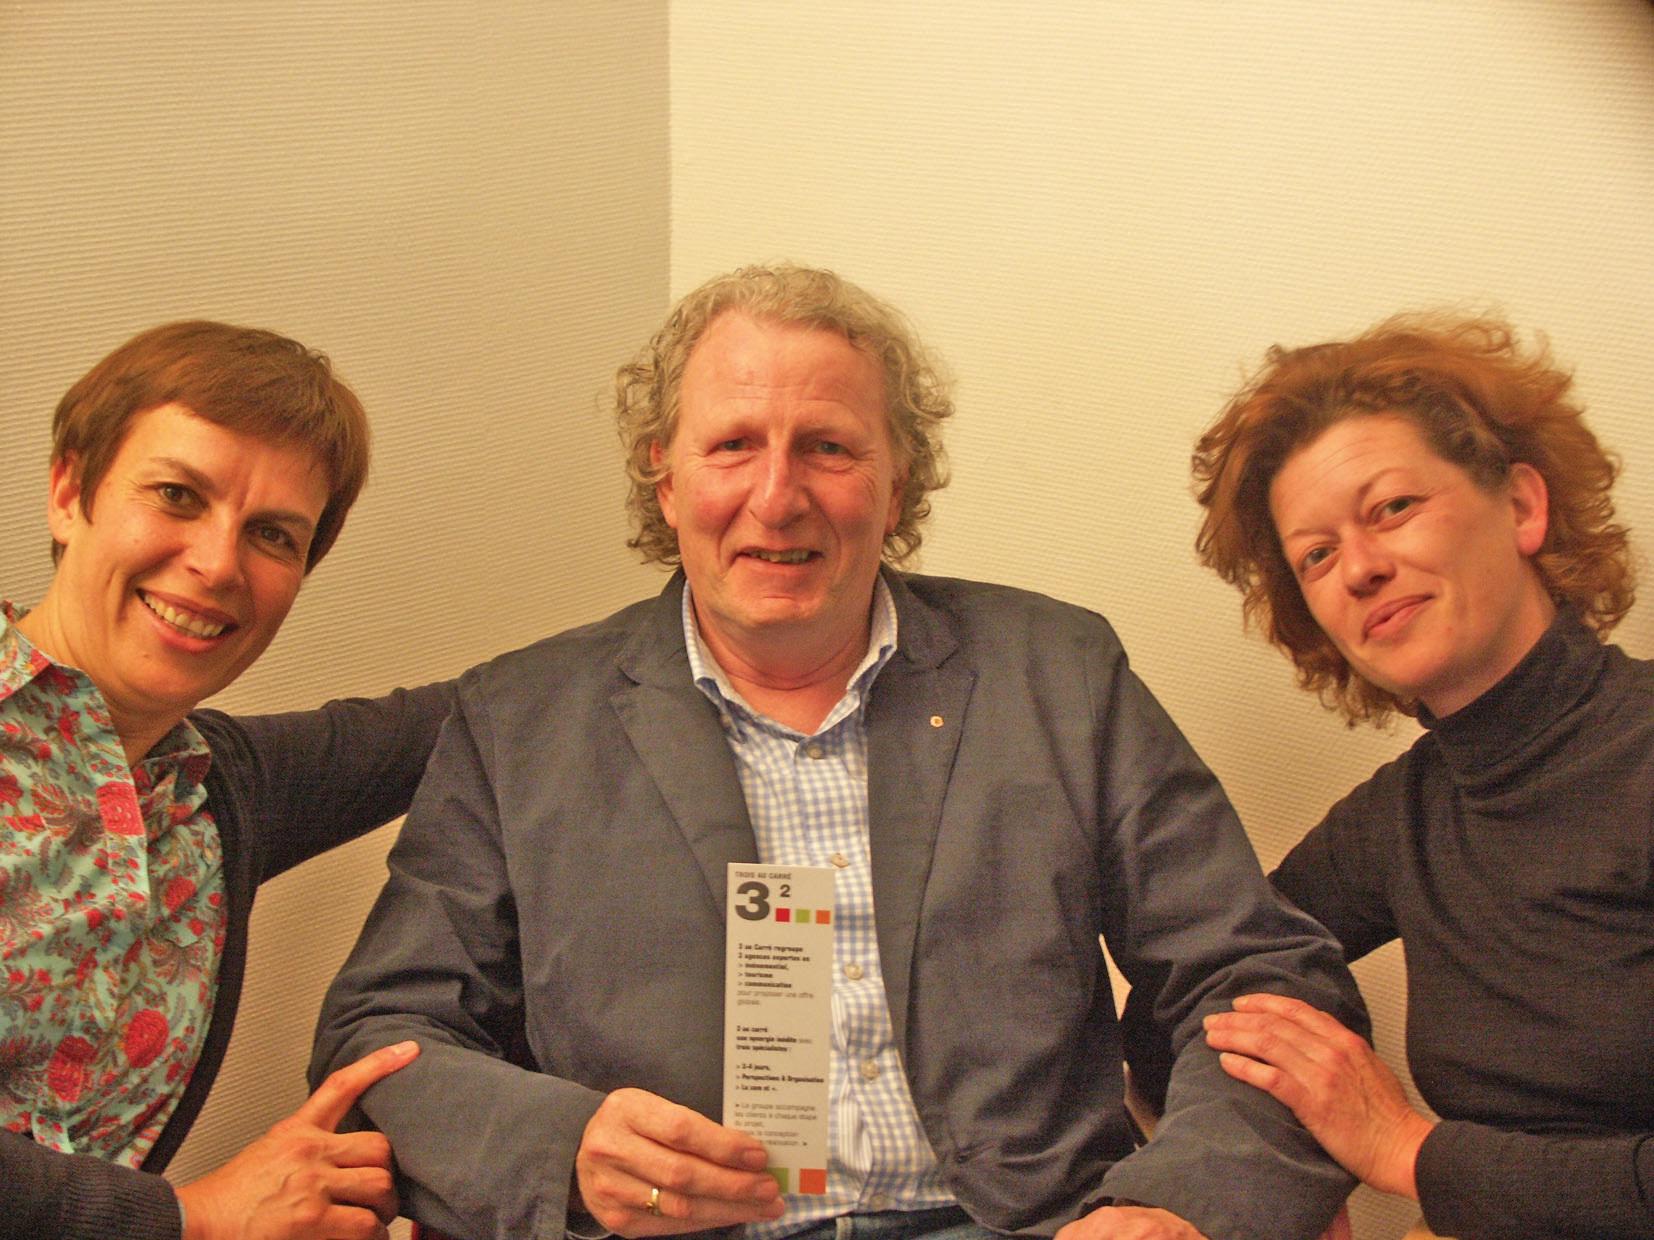 """Les """"3 au Carré"""" (Guillemette Flipo, Philippe Florin et Sophie Lefebvre) sont exponentiels ensemble et travaillent de façon… carrée."""